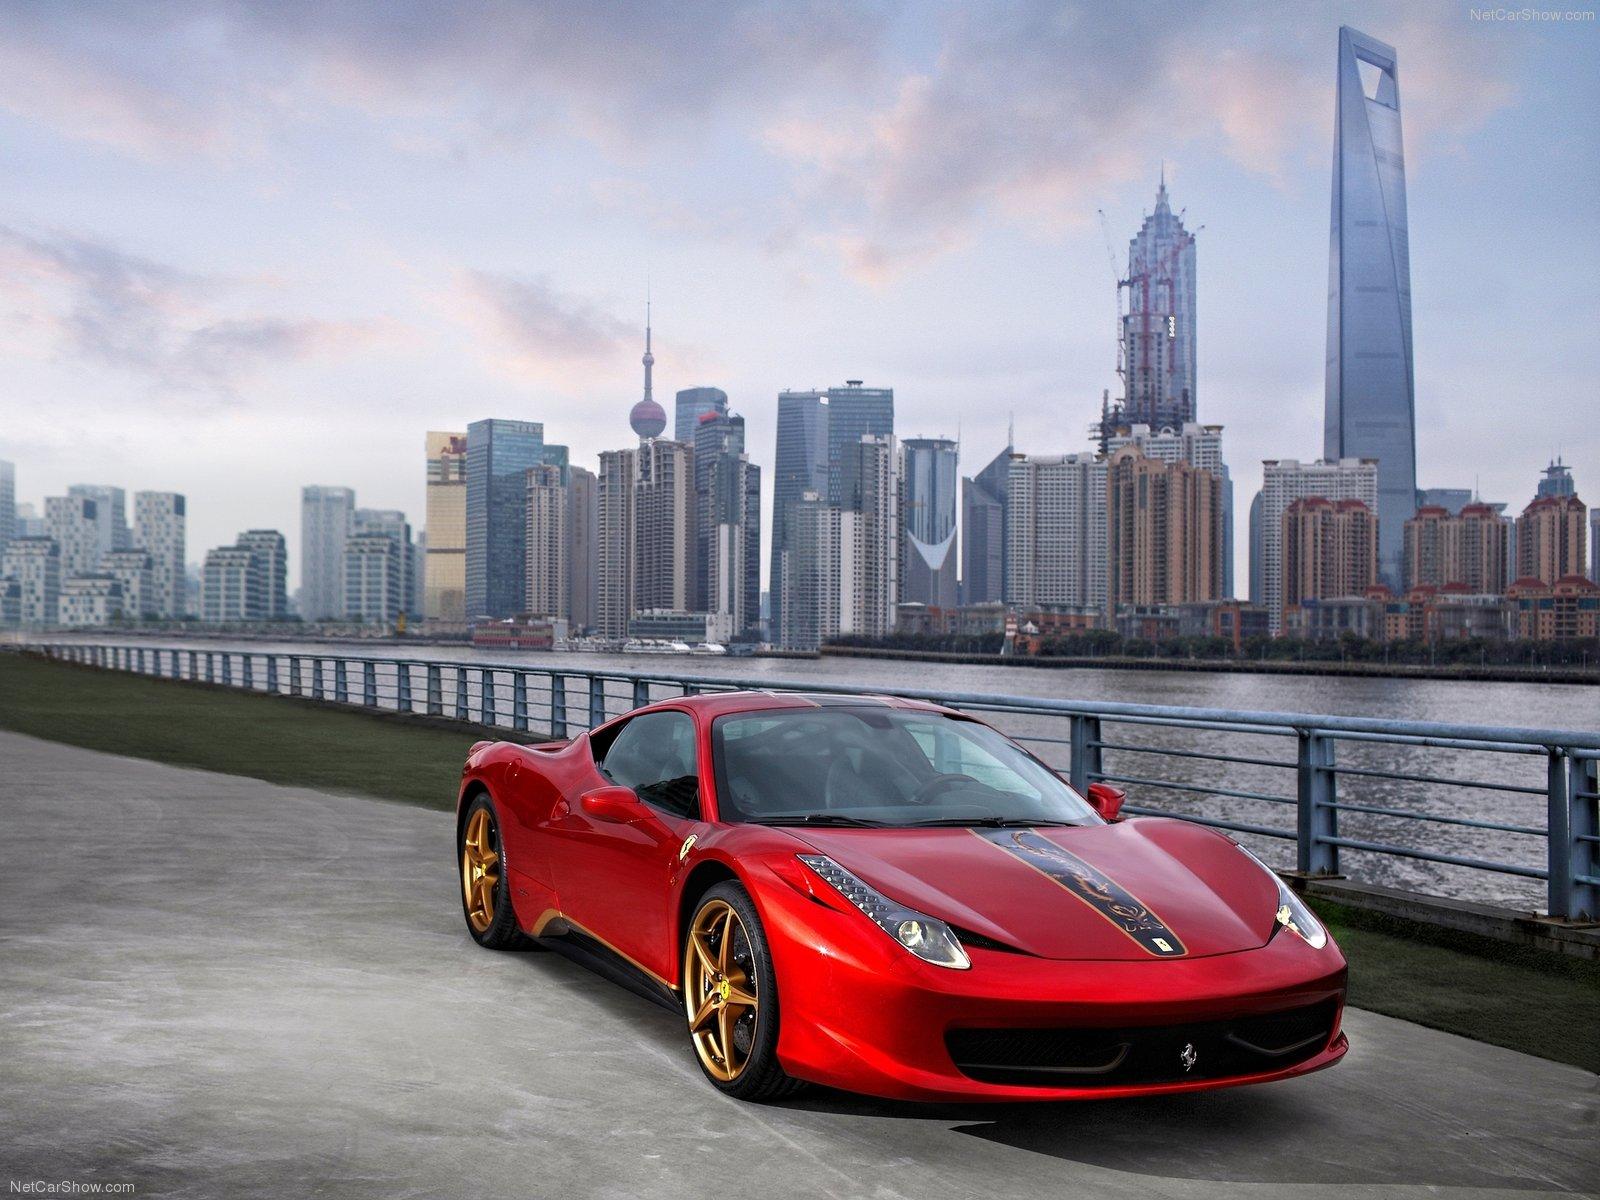 Hình ảnh siêu xe Ferrari 458 Italia China 20th Anniversary 2012 & nội ngoại thất